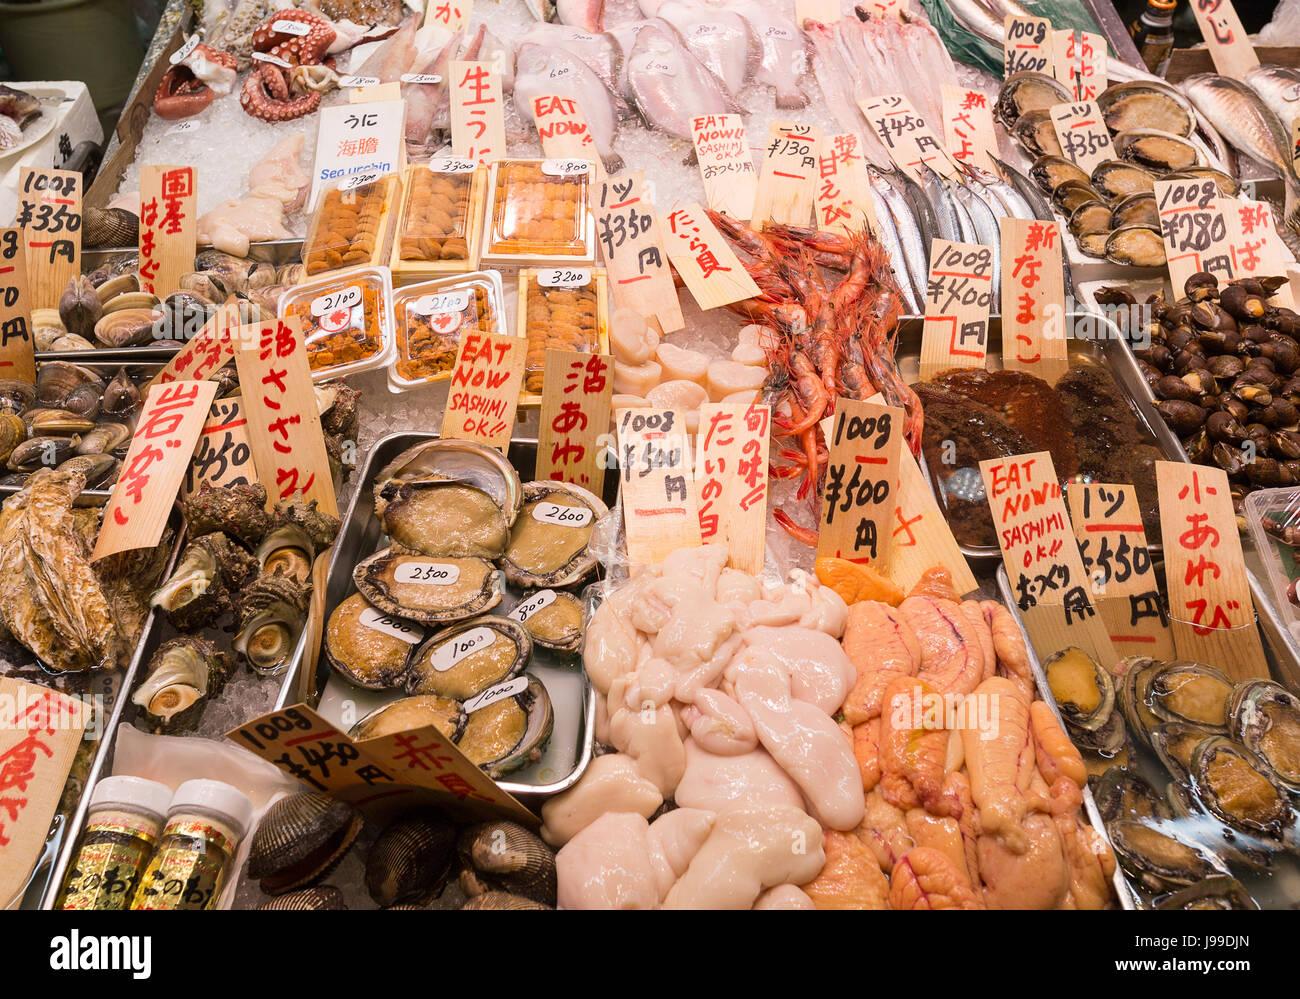 Poisson à vendre - marché Nishiki de Kyoto, Japon Banque D'Images